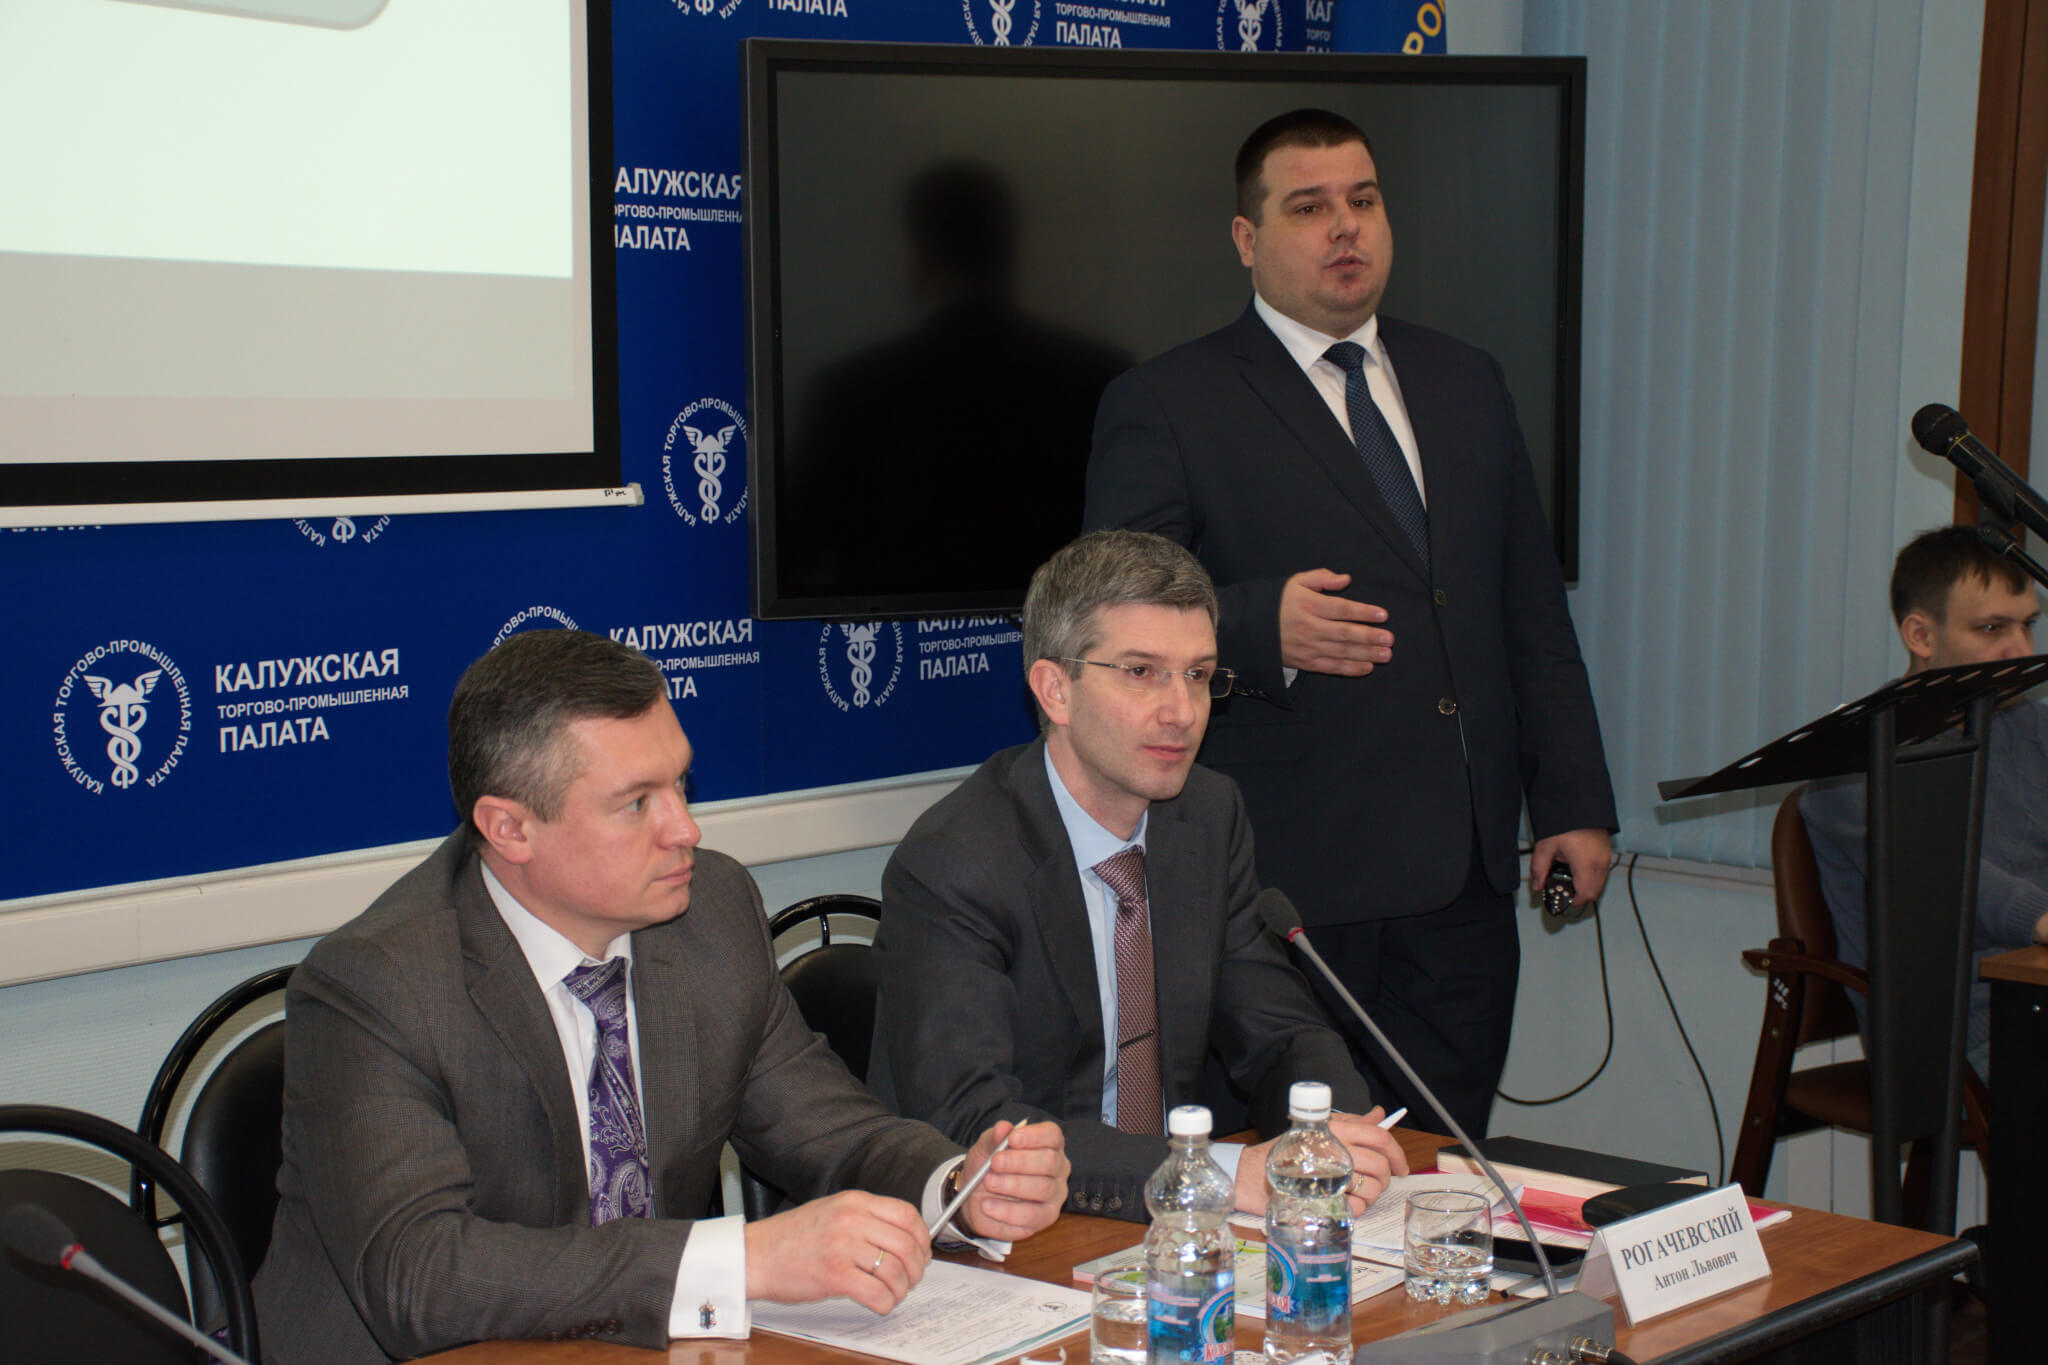 Информационный семинарна тему«Проблемы реализации закона о торговле. Антимонопольный комплаенс и нарушения антимонопольного законодательства РФ»